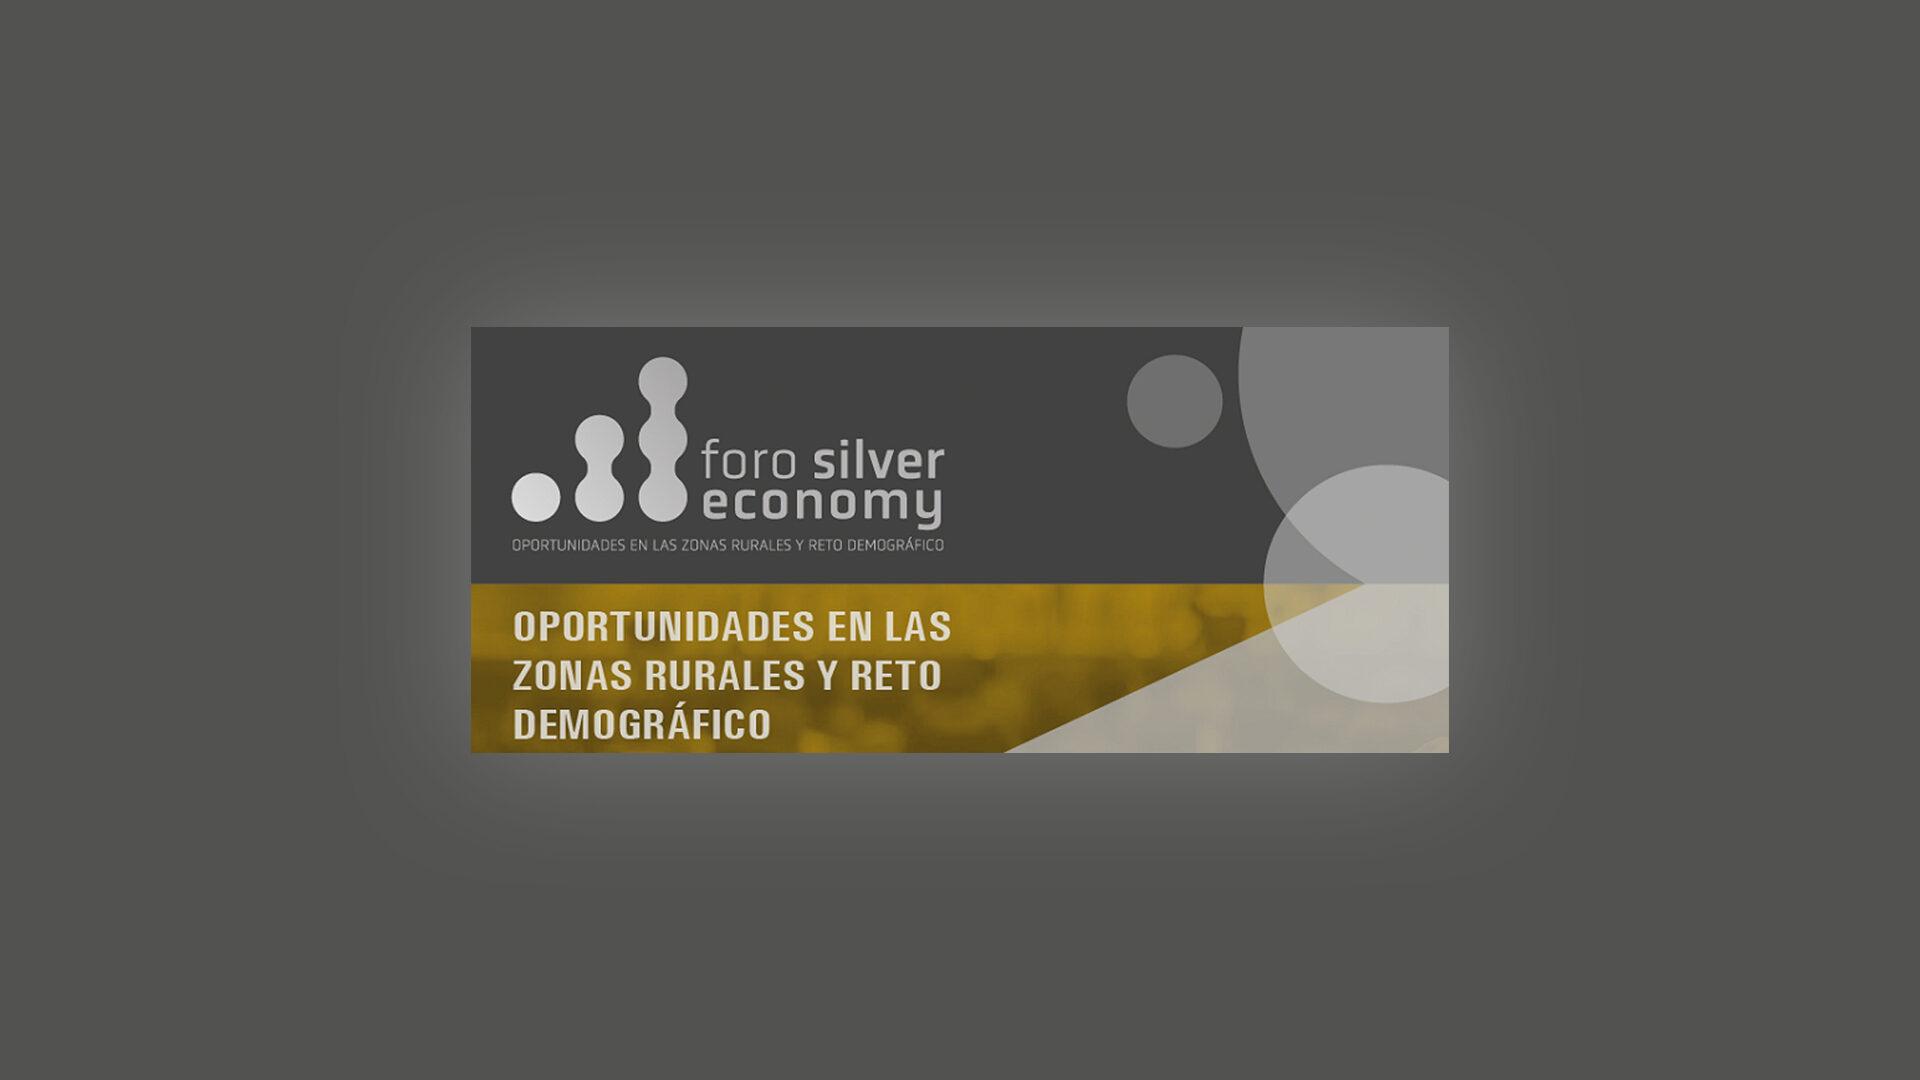 Ne foro silver economy 1920x1080